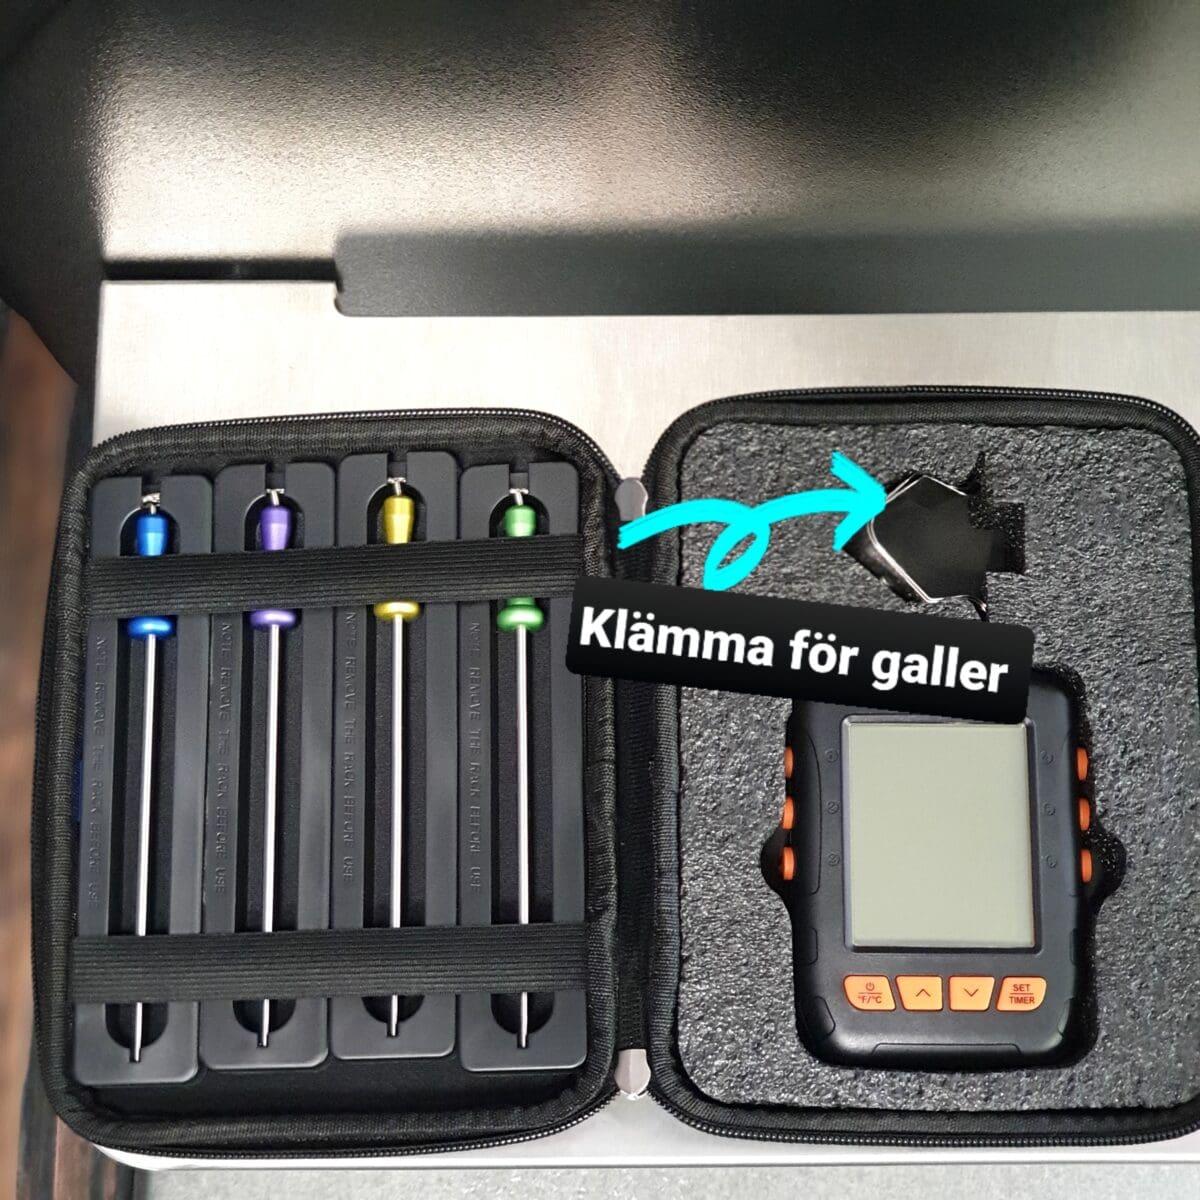 Trådlös, vattentät smart bluetooth termometer för BBQ och Grillning, lång räckvidd, inkl 4 givare